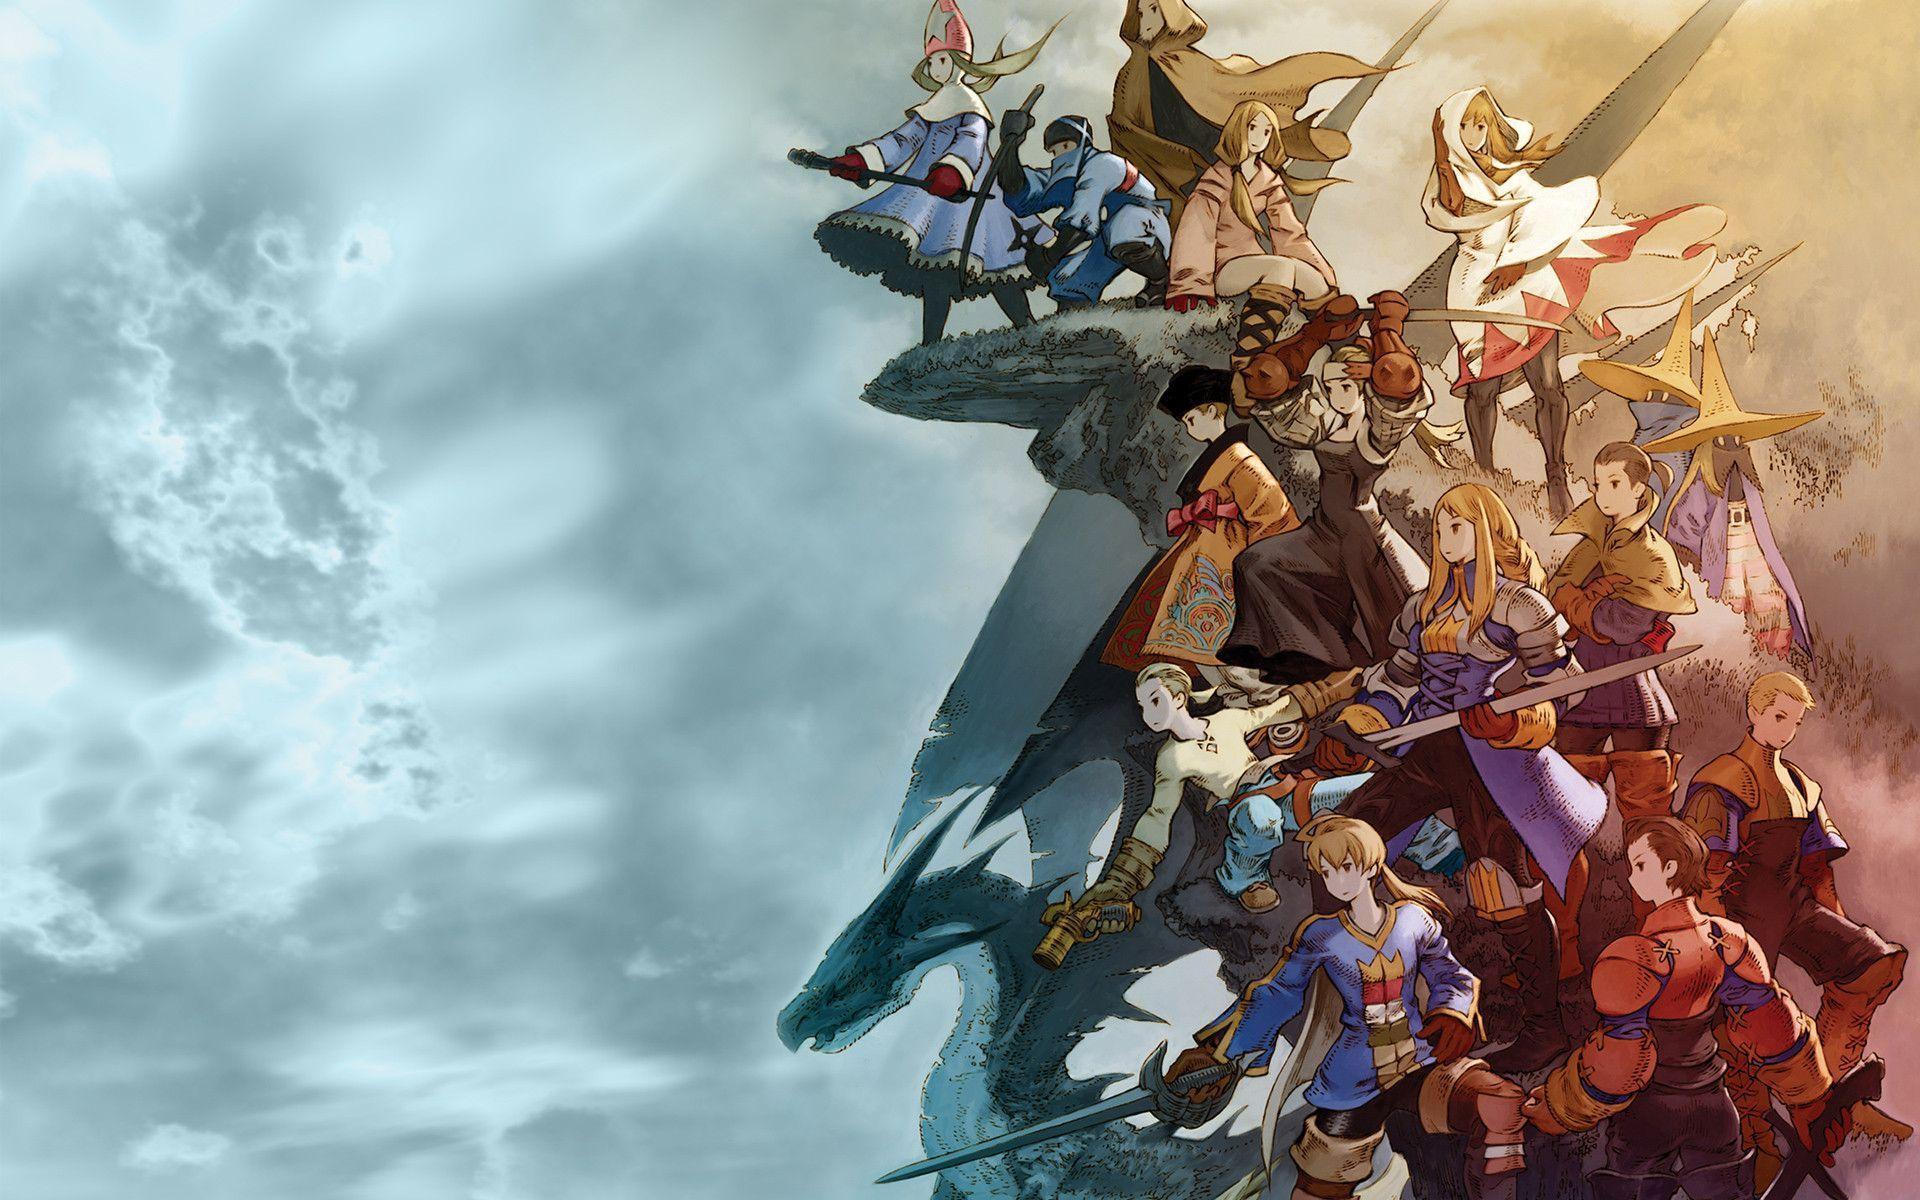 Final Fantasy Tactics - Desktop Wallpapers